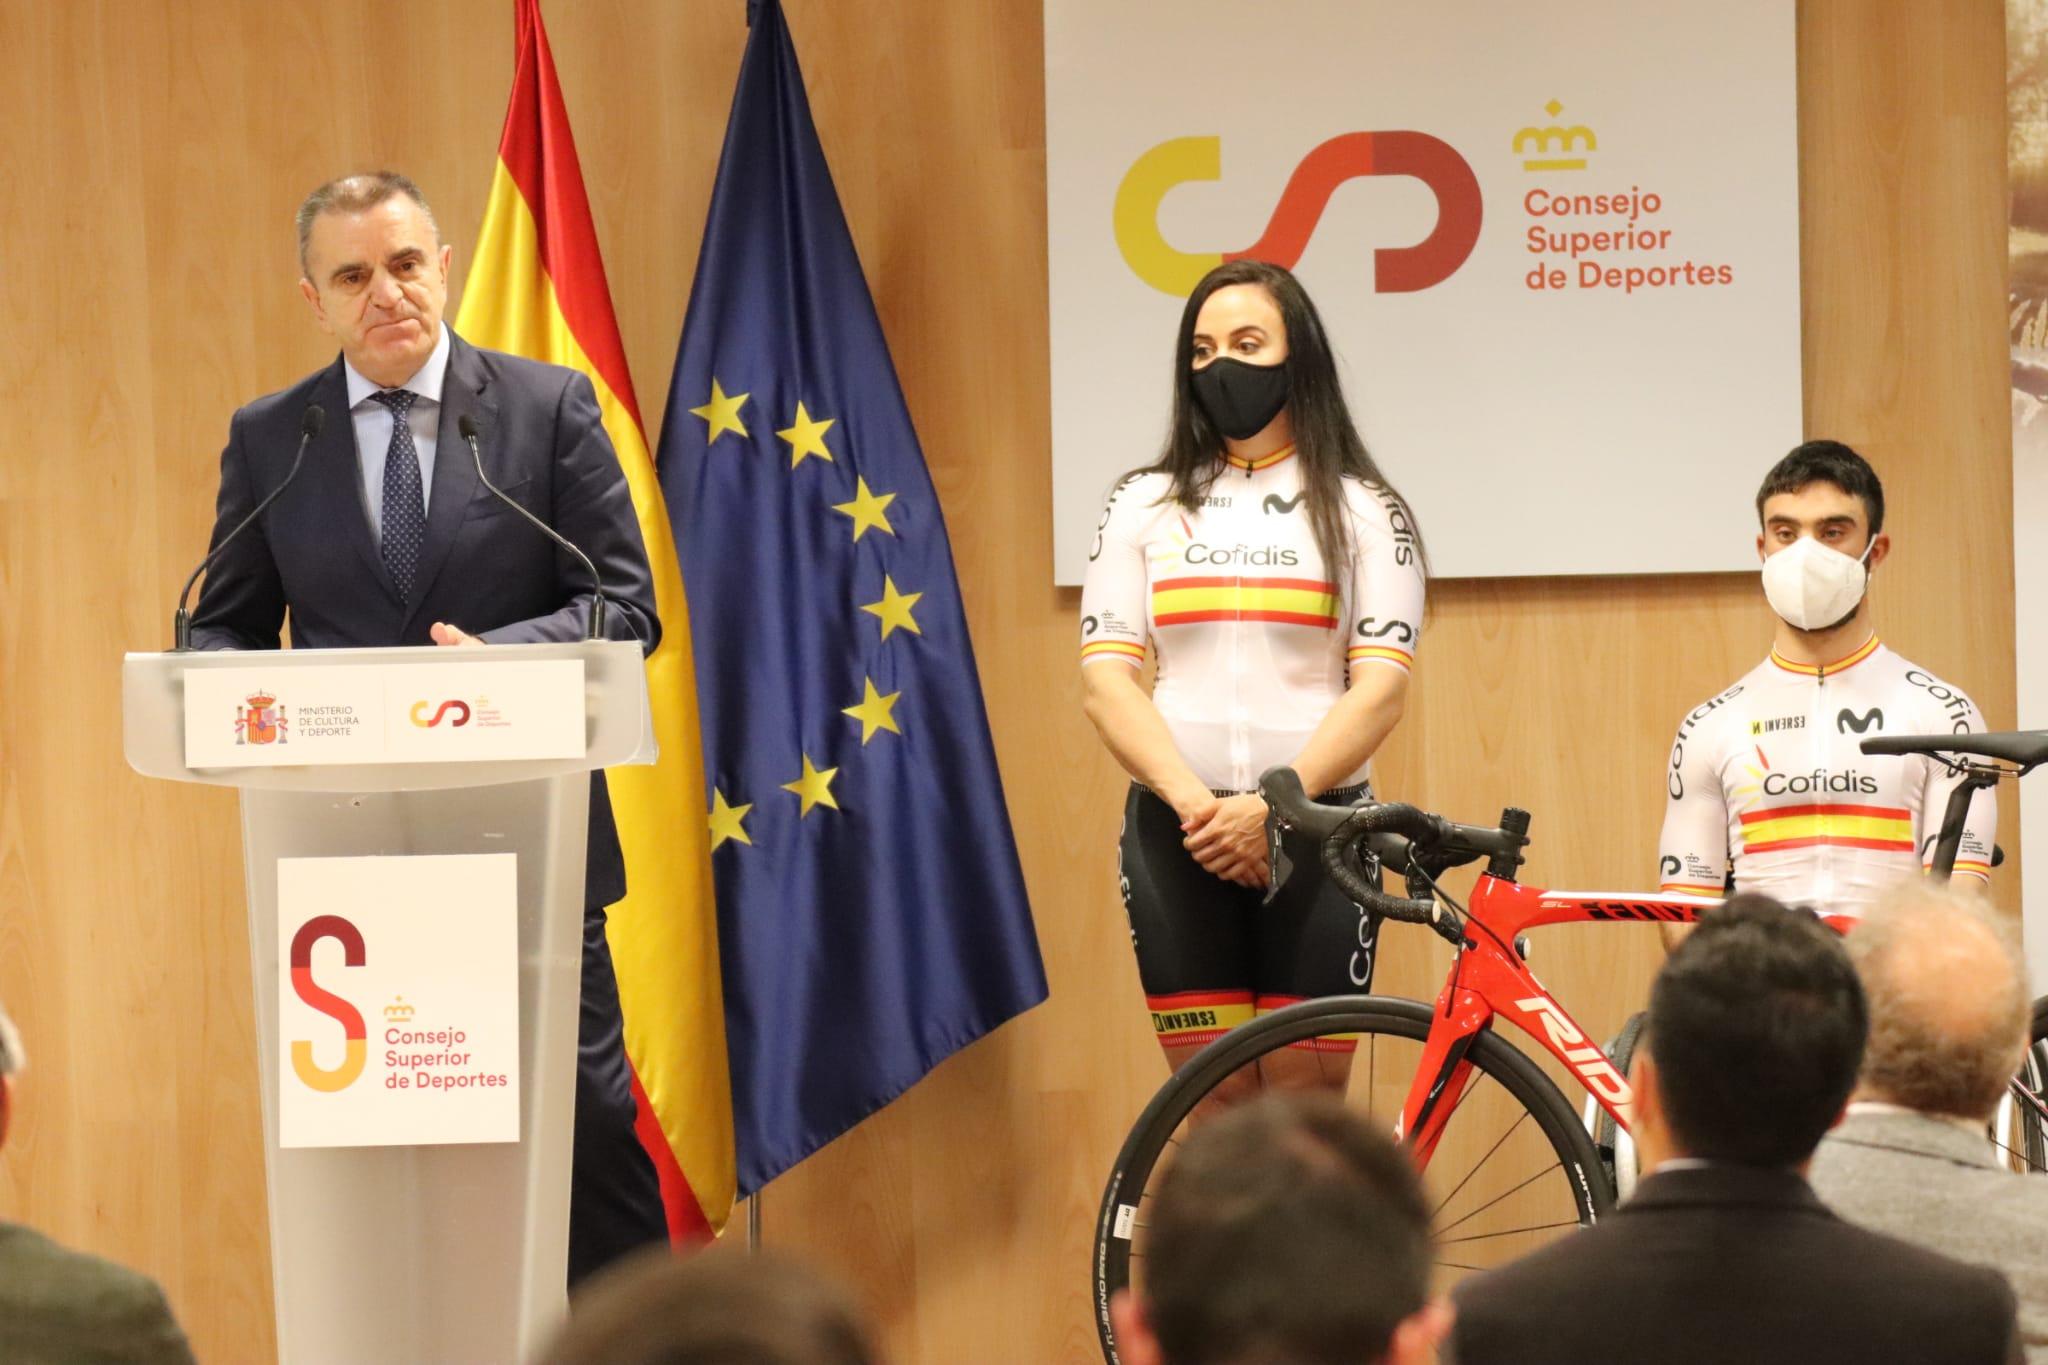 La RFEC presenta en el Consejo Superior de Deportes su proyecto Bike Territory